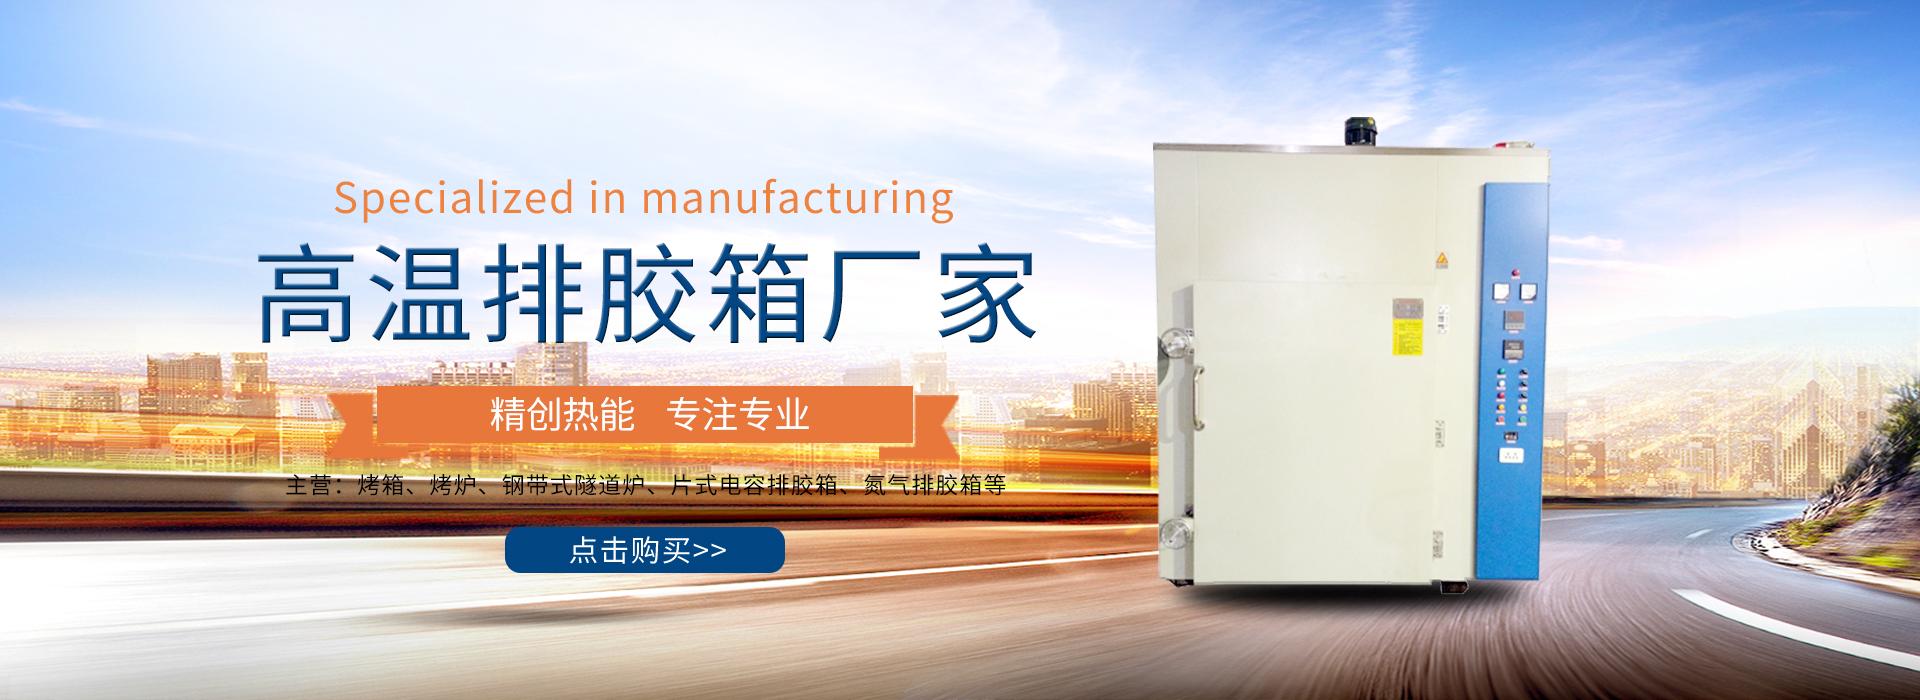 排胶箱,广州排胶箱厂家